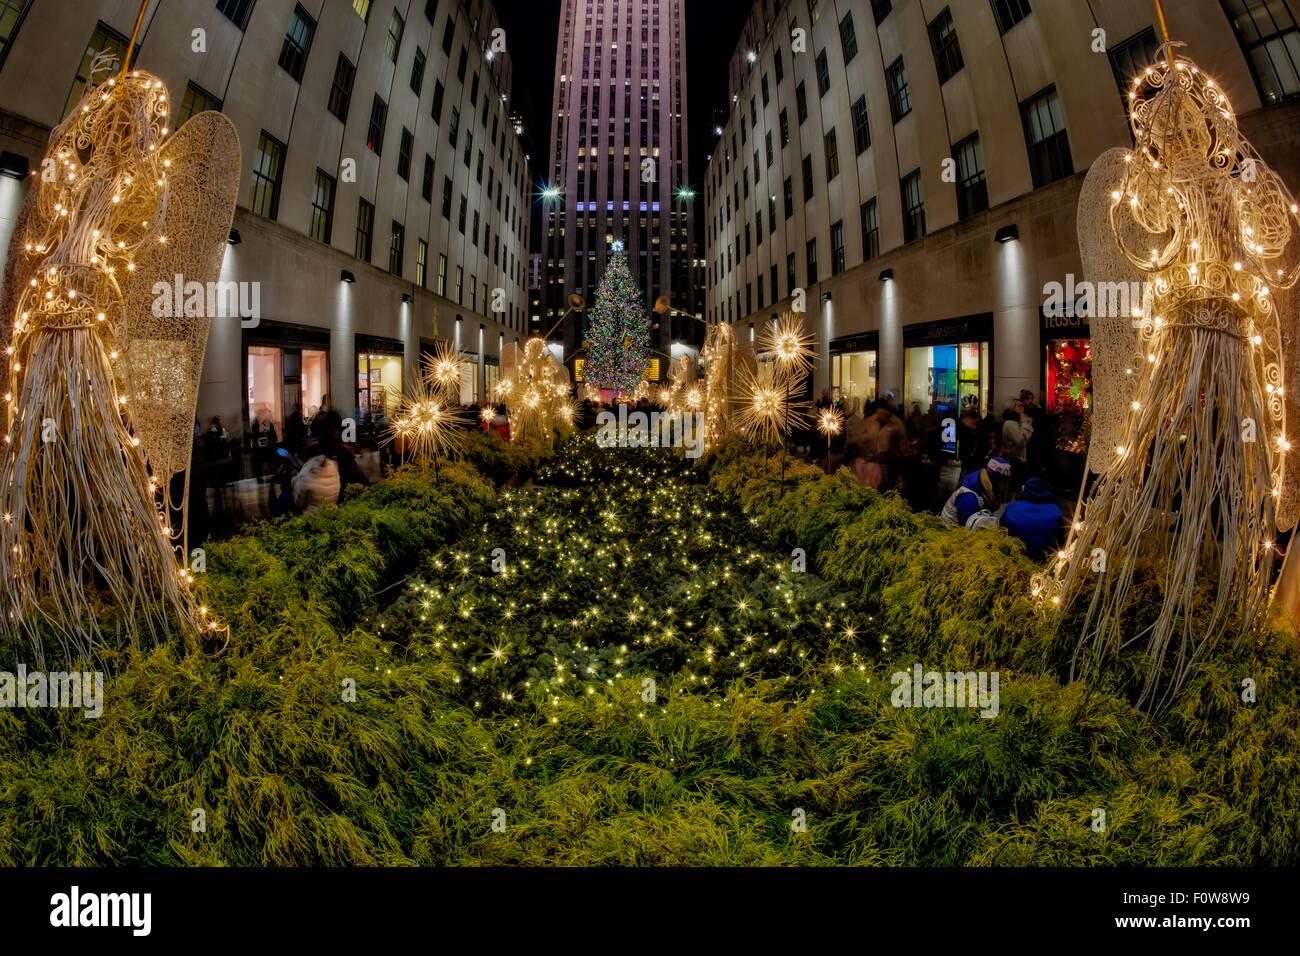 The Rockefeller Center Christmas Tree In New York City